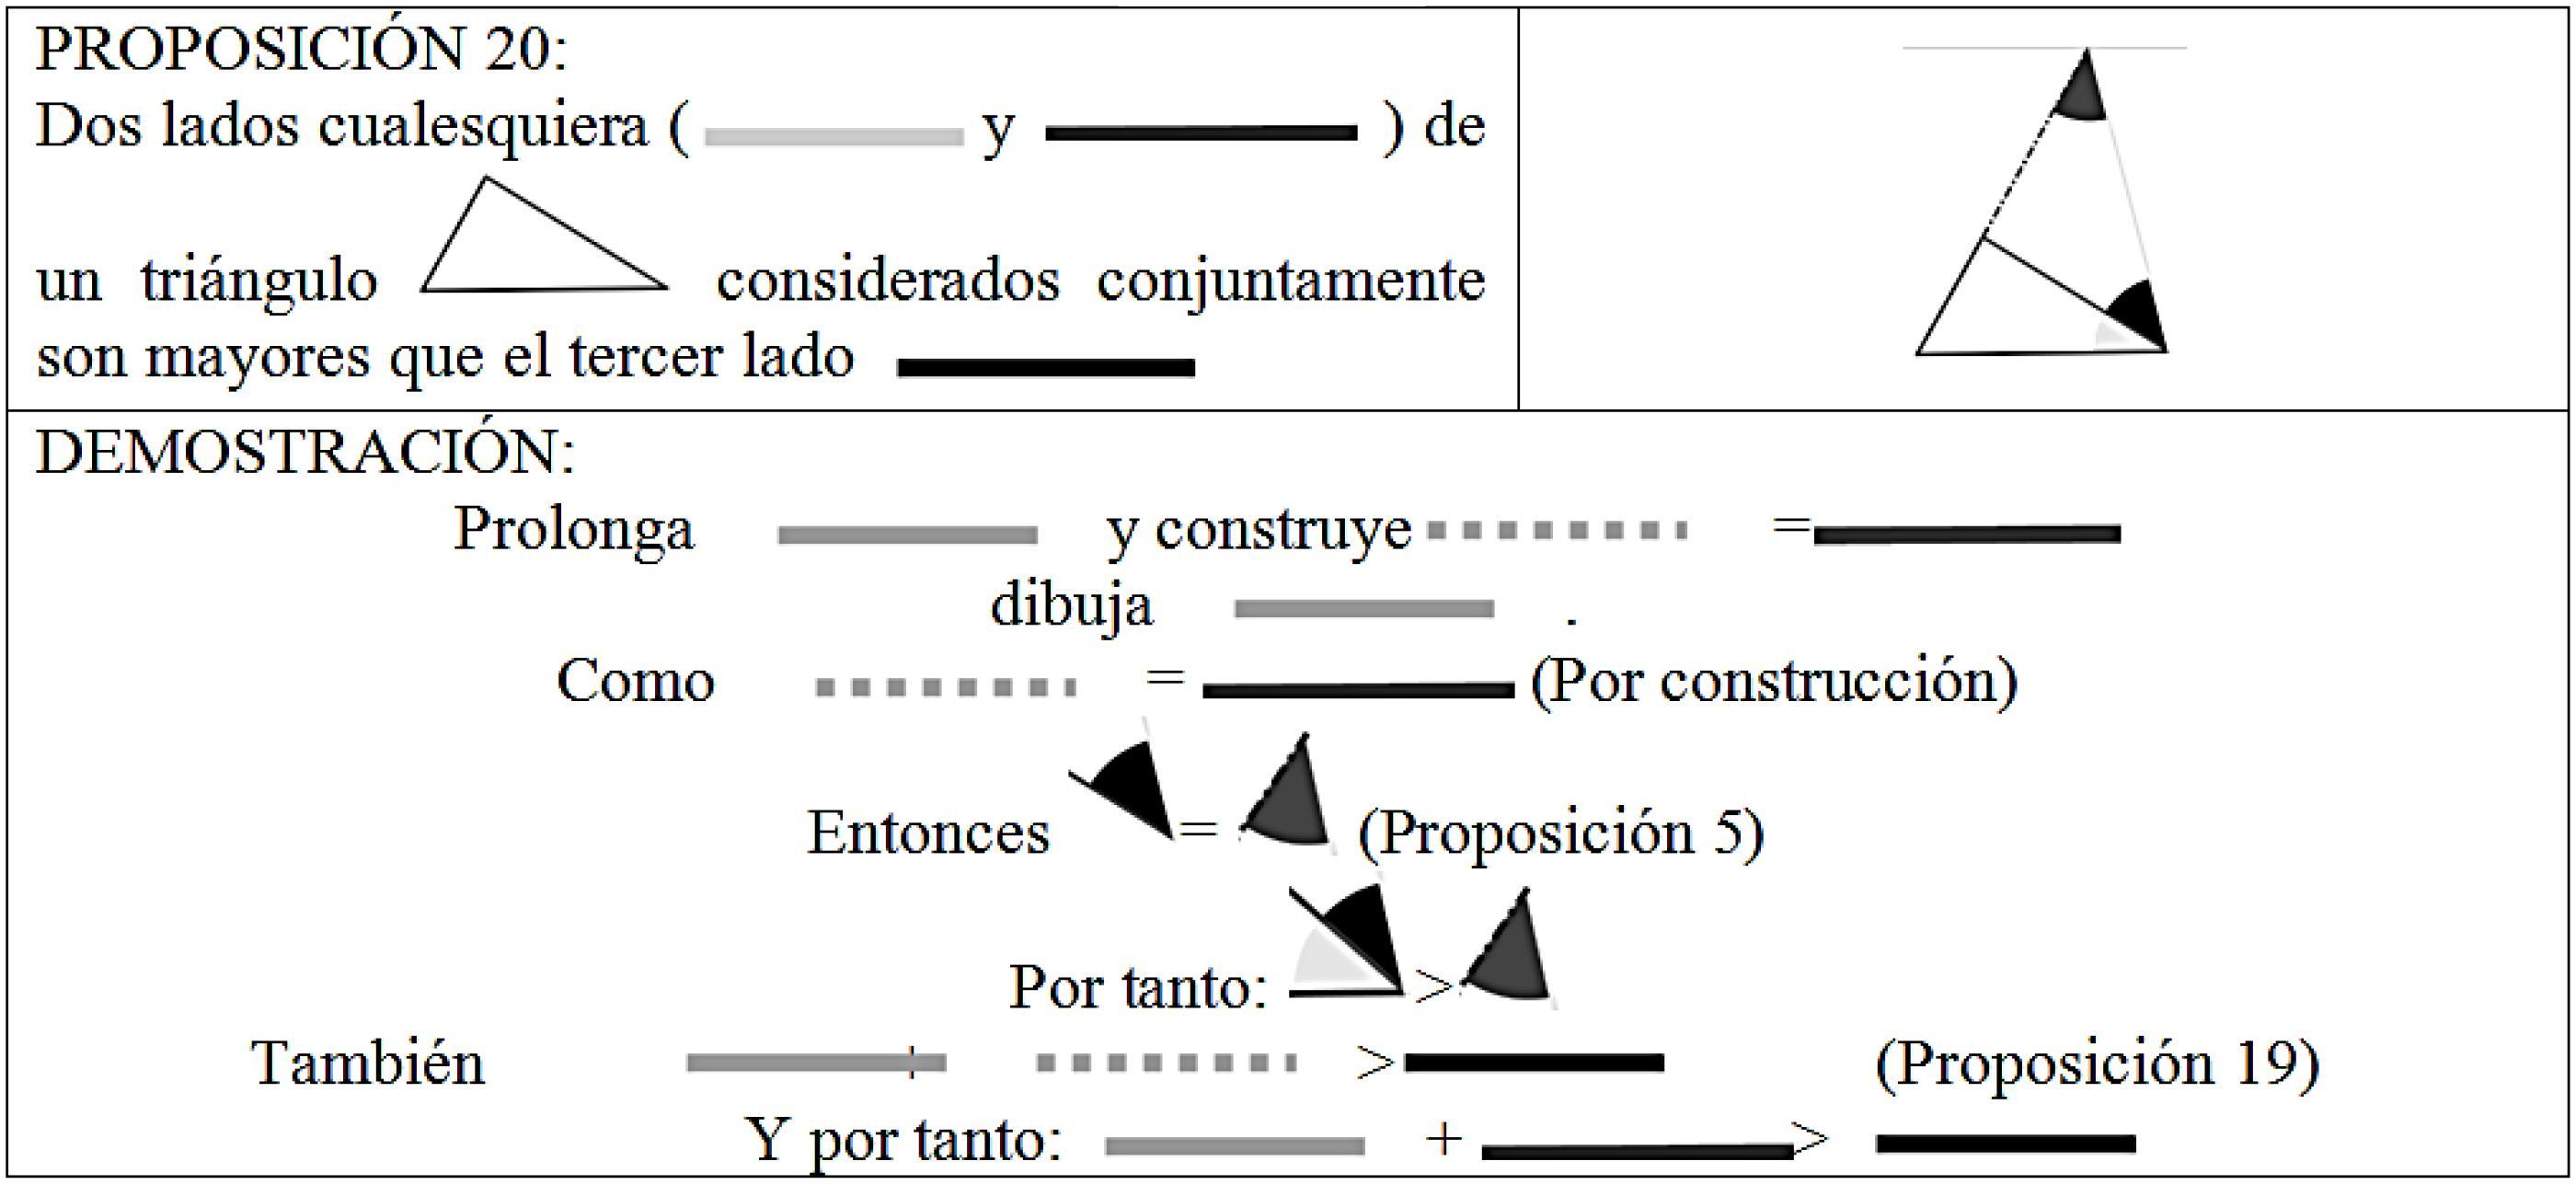 Formación del Profesorado y Demostración Matemática. Estudio ...